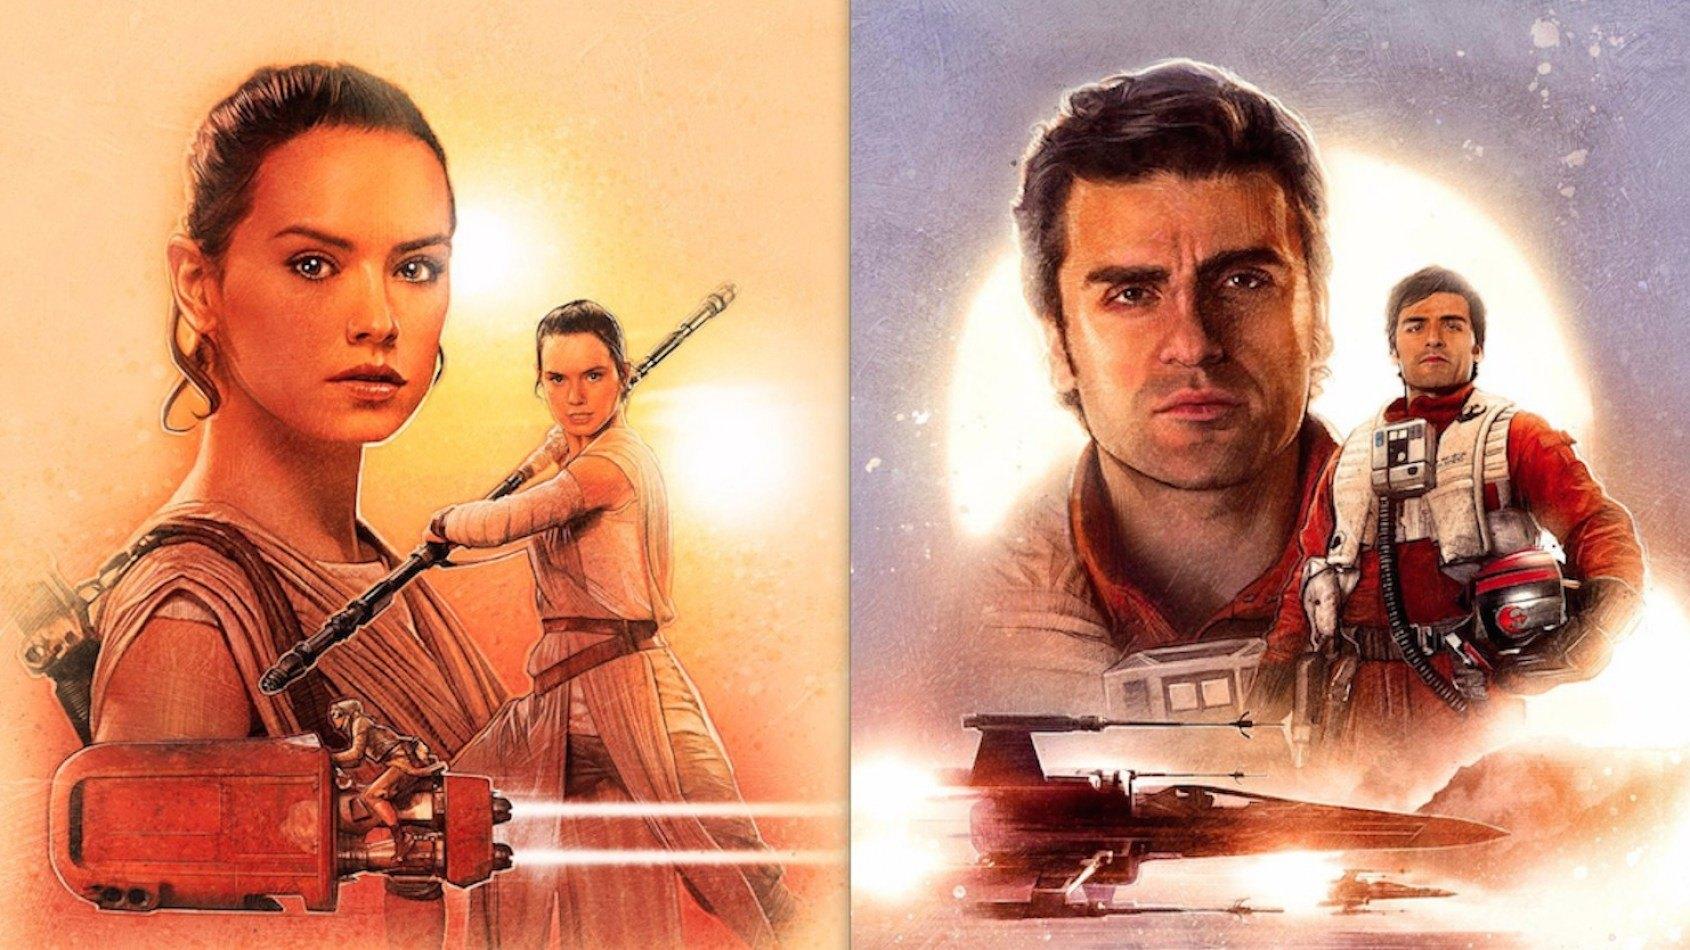 Six nouveaux posters du Réveil de la Force